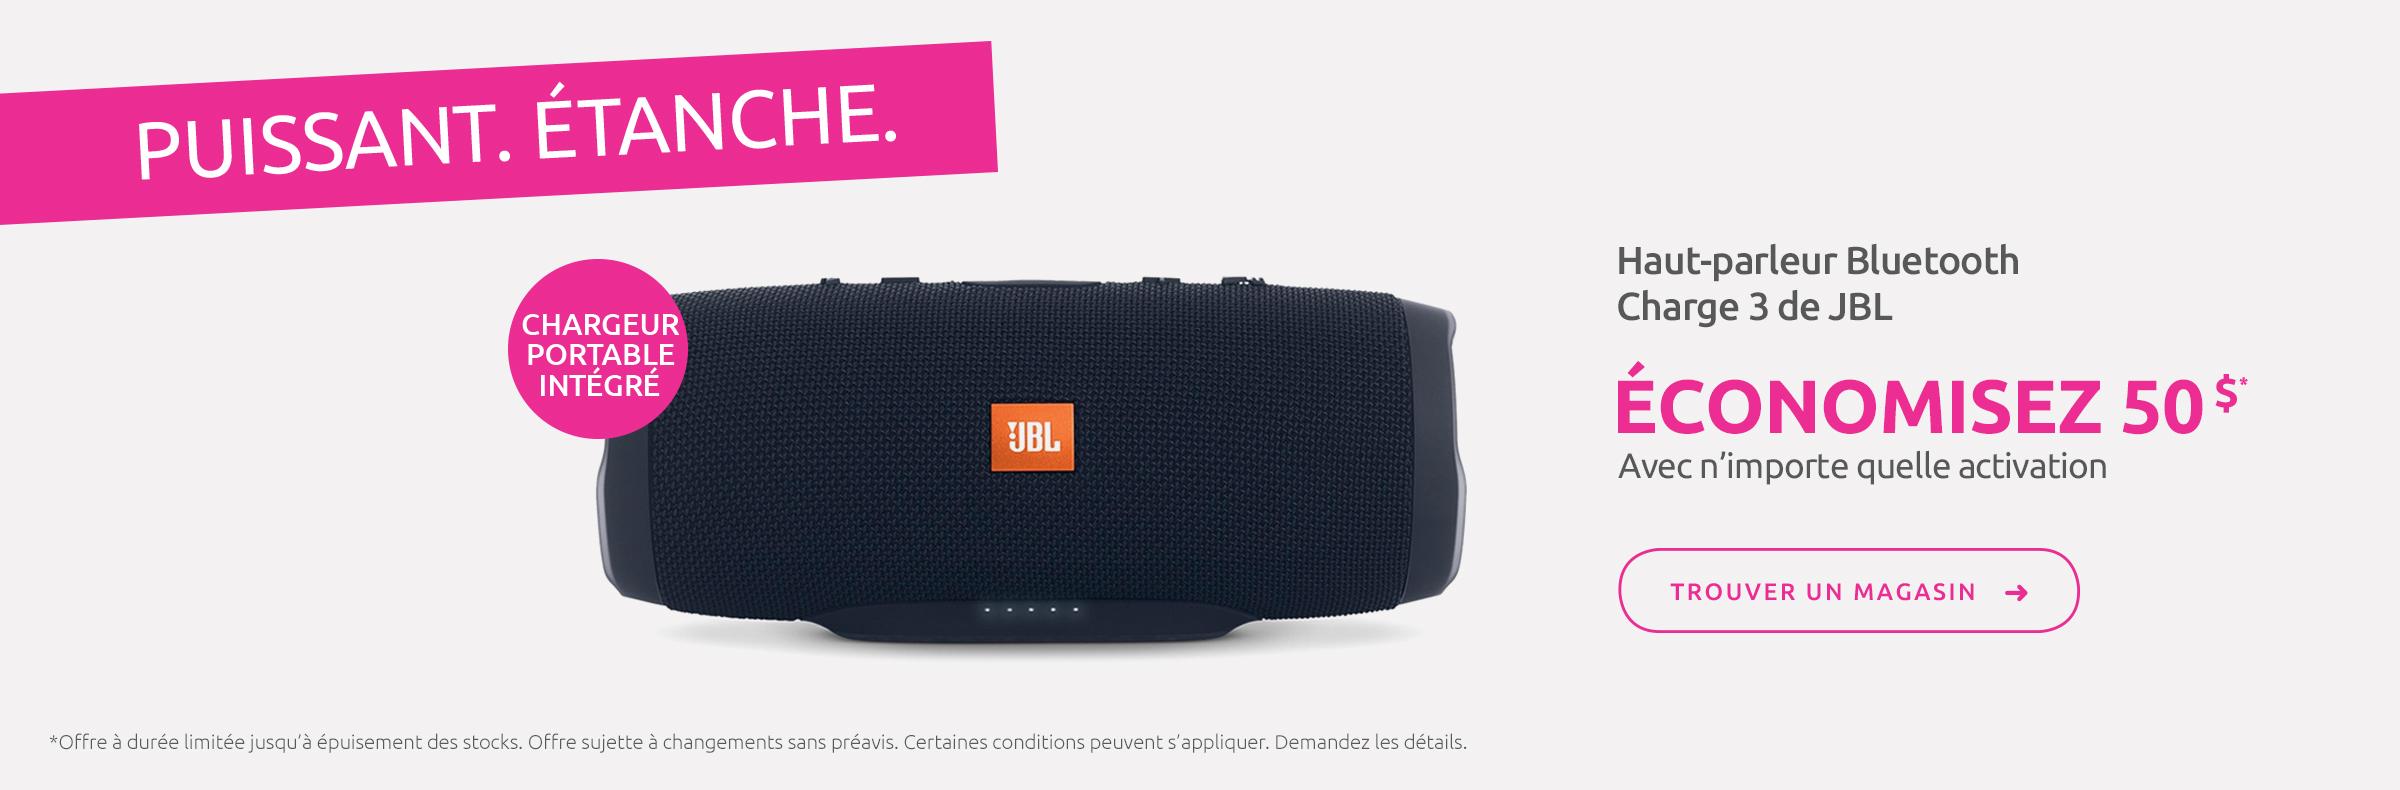 Haut-parleur Bluetooth Charge 3 de JBL